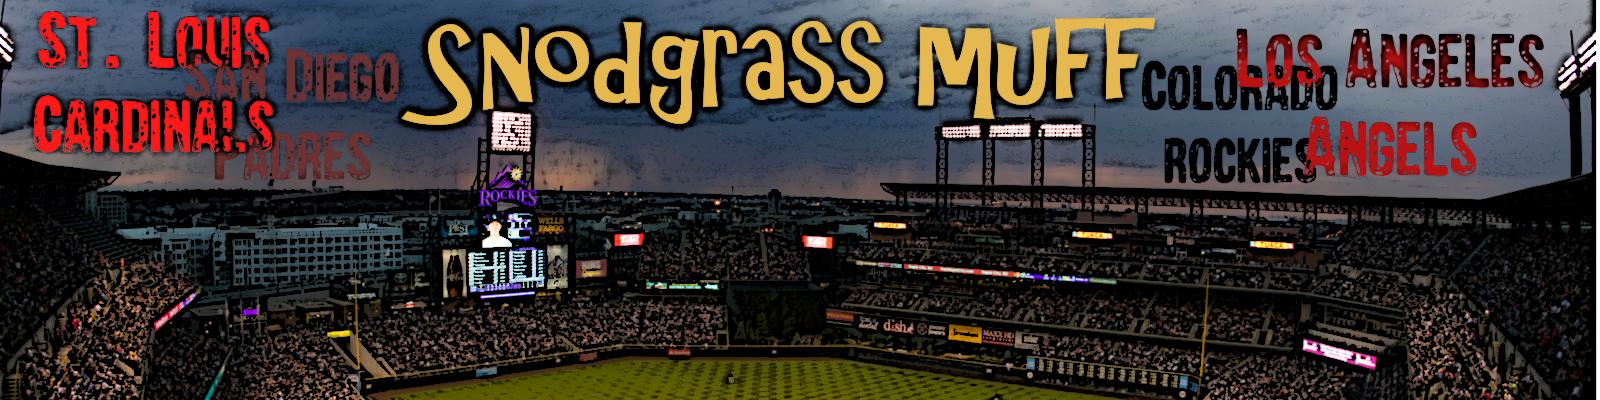 Snodgrass Muff